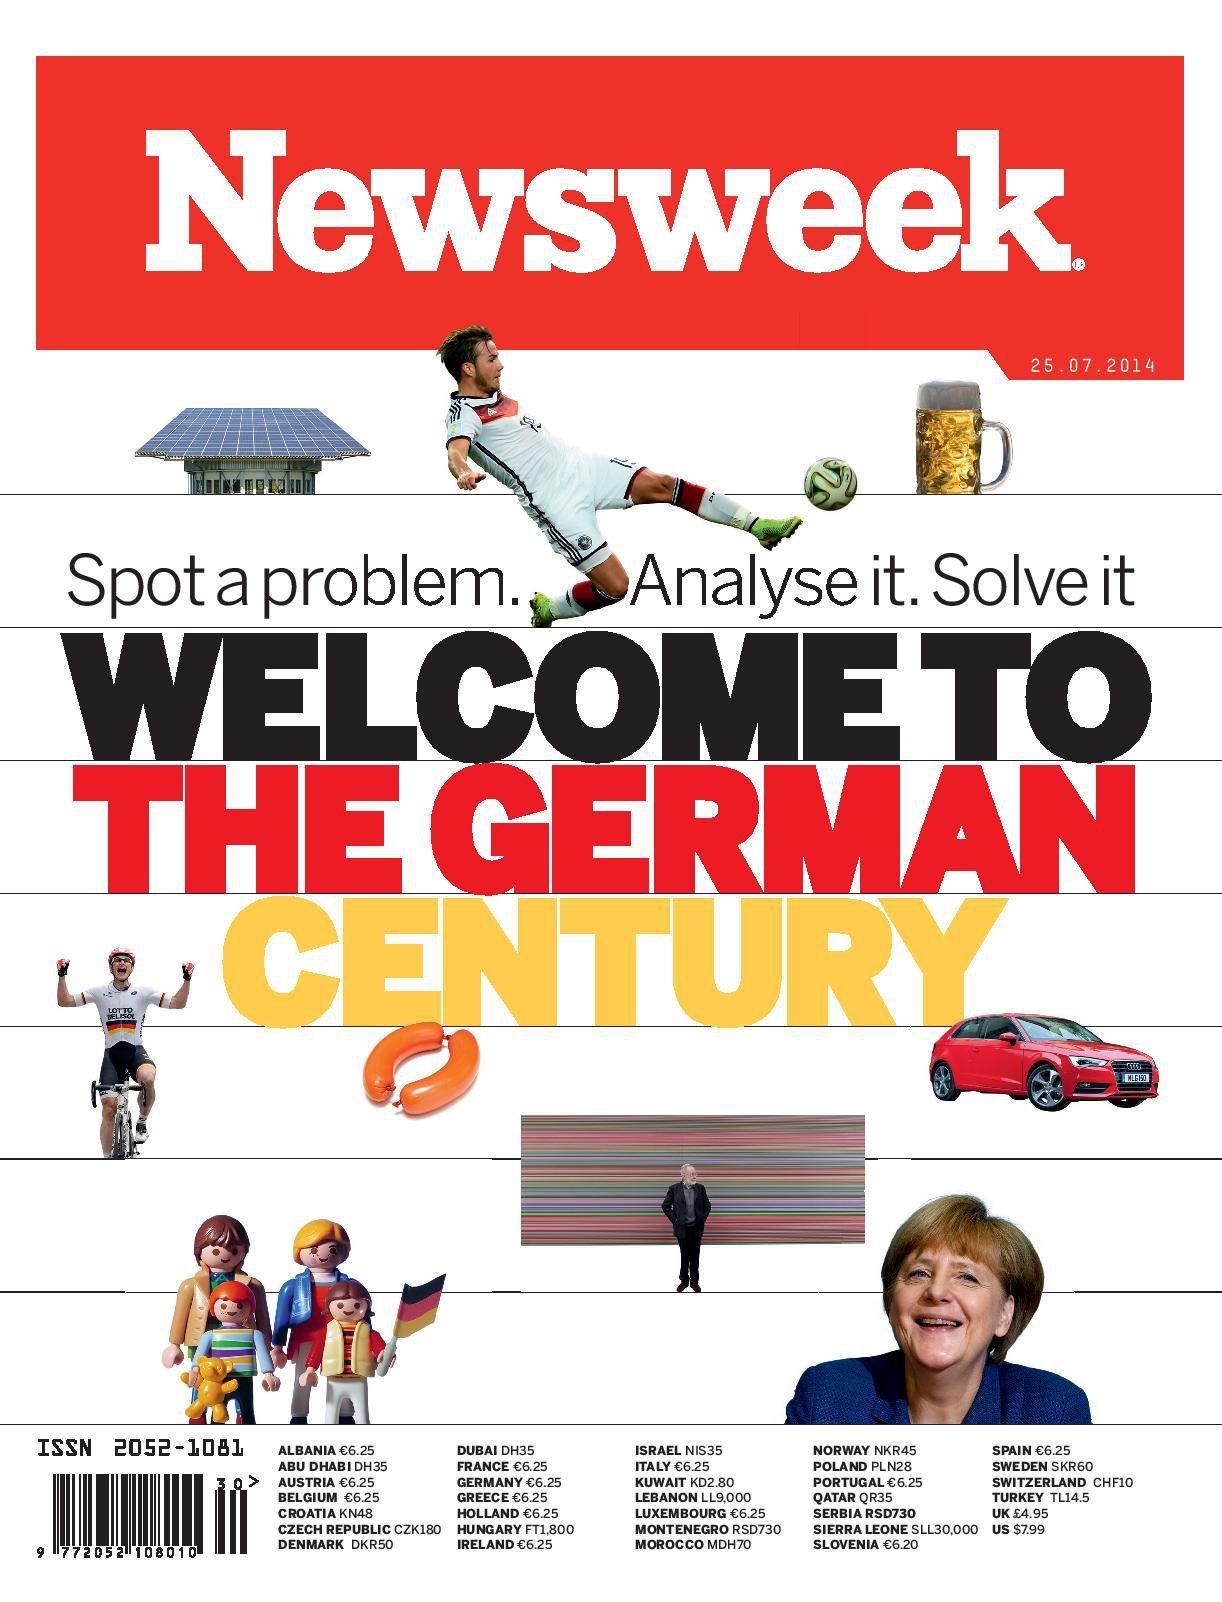 [Image: newsweek-emea-cover-25072014.jpg]